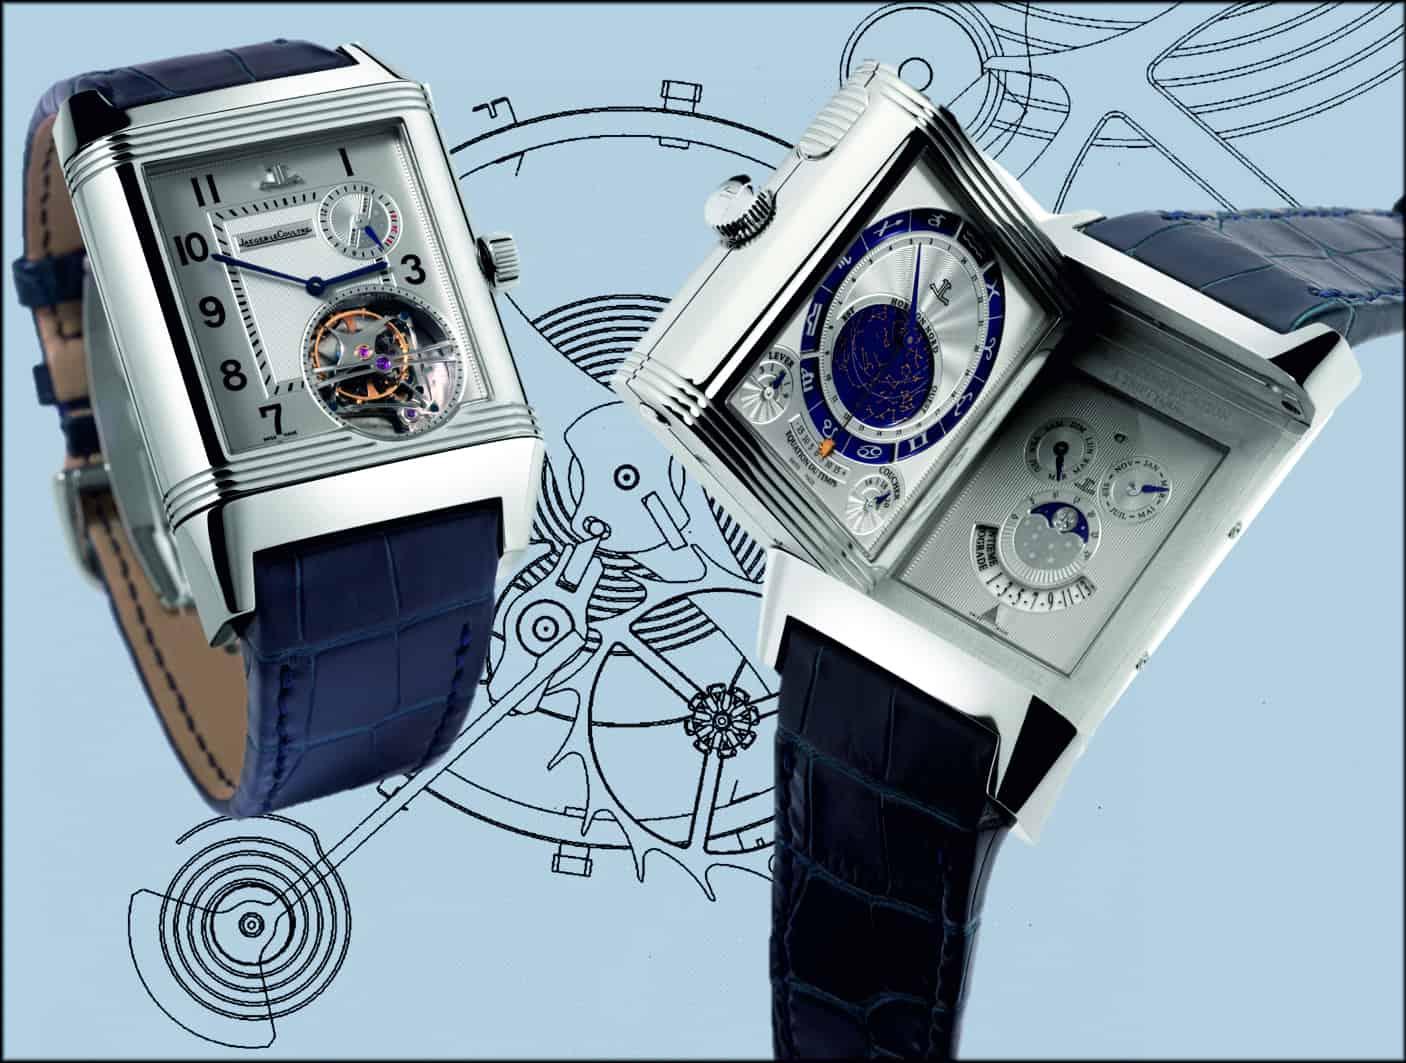 Das Comeback der ReversoJaeger-LeCoultre: So wurde die Reverso Uhr zum Uhrenklassiker